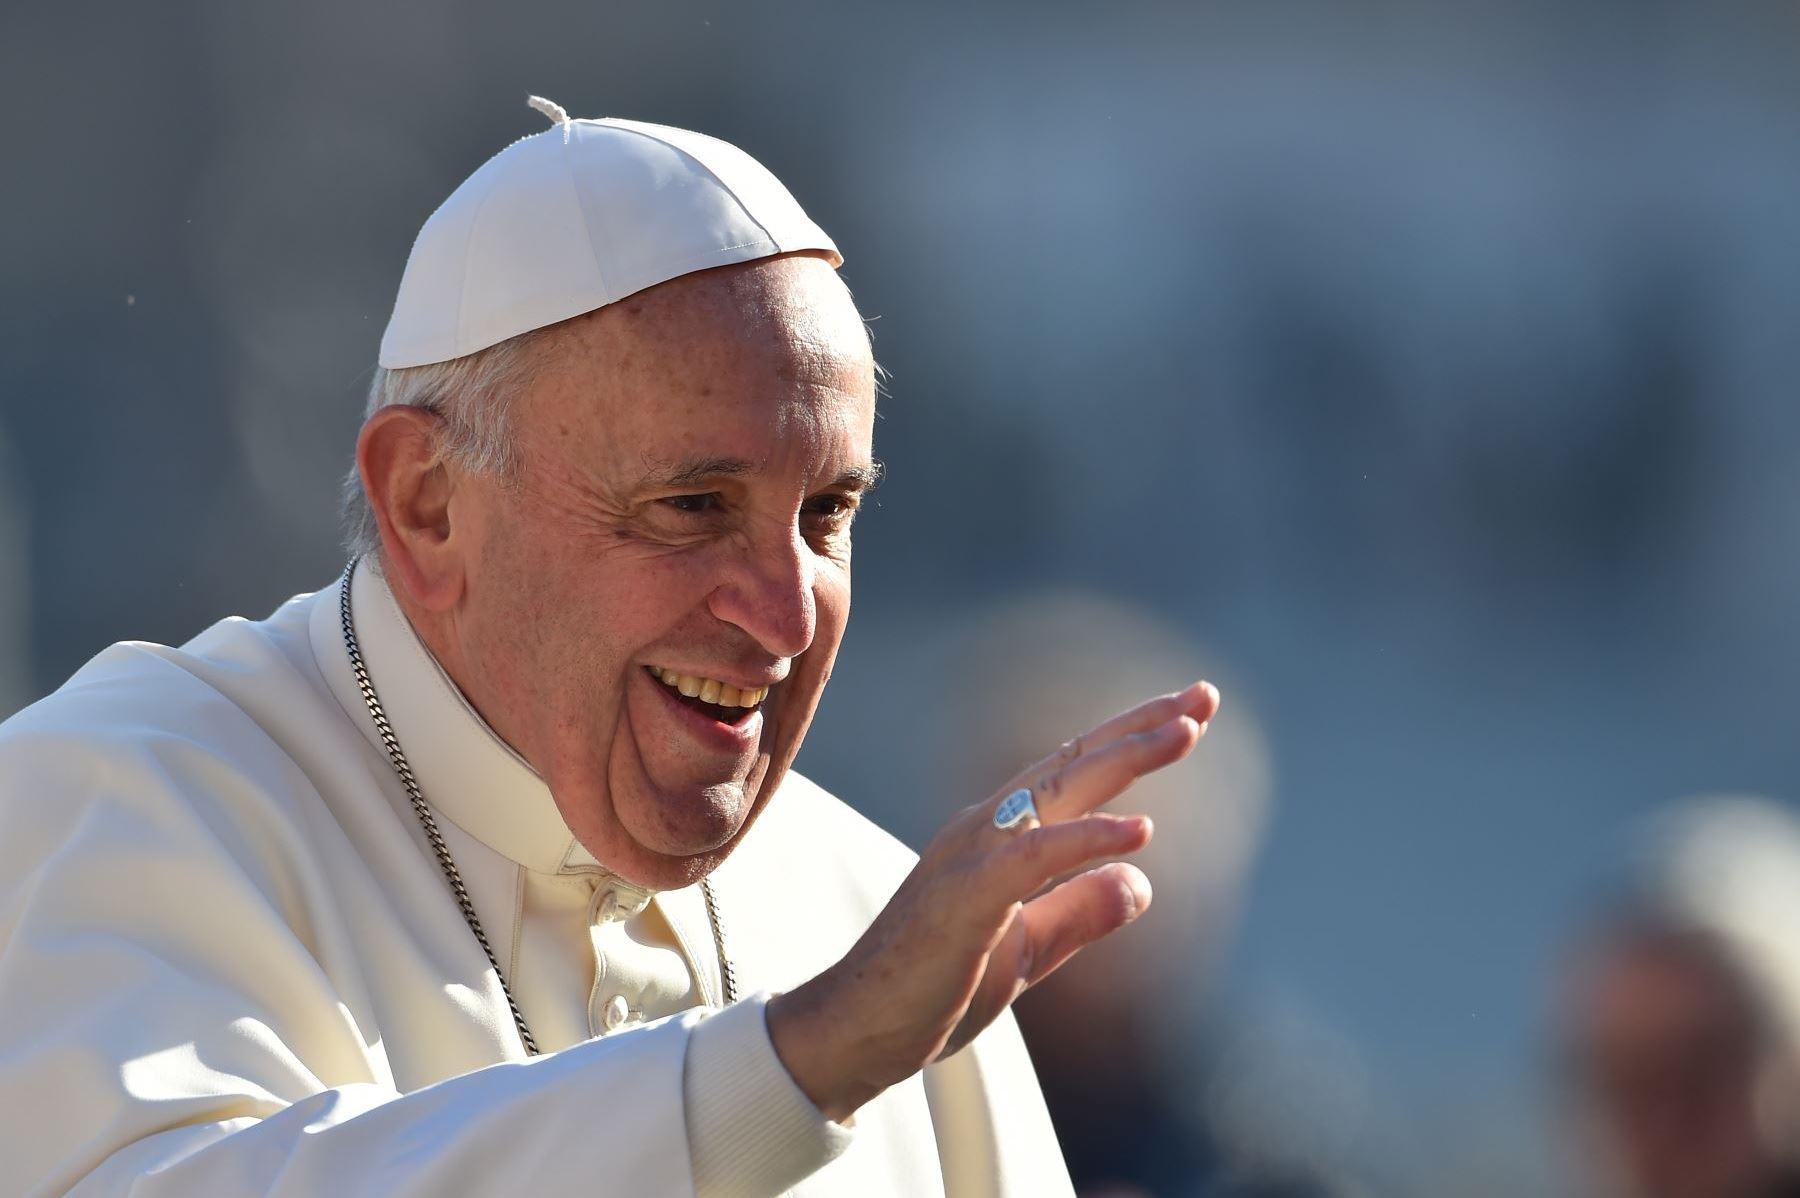 Fscales adoptaron acciones urgentes para garantizar la seguridad durante la visita del Papa Francisco, entre el 18 y 21 de enero en las ciudades de Lima, Puerto Maldonado y Trujillo.